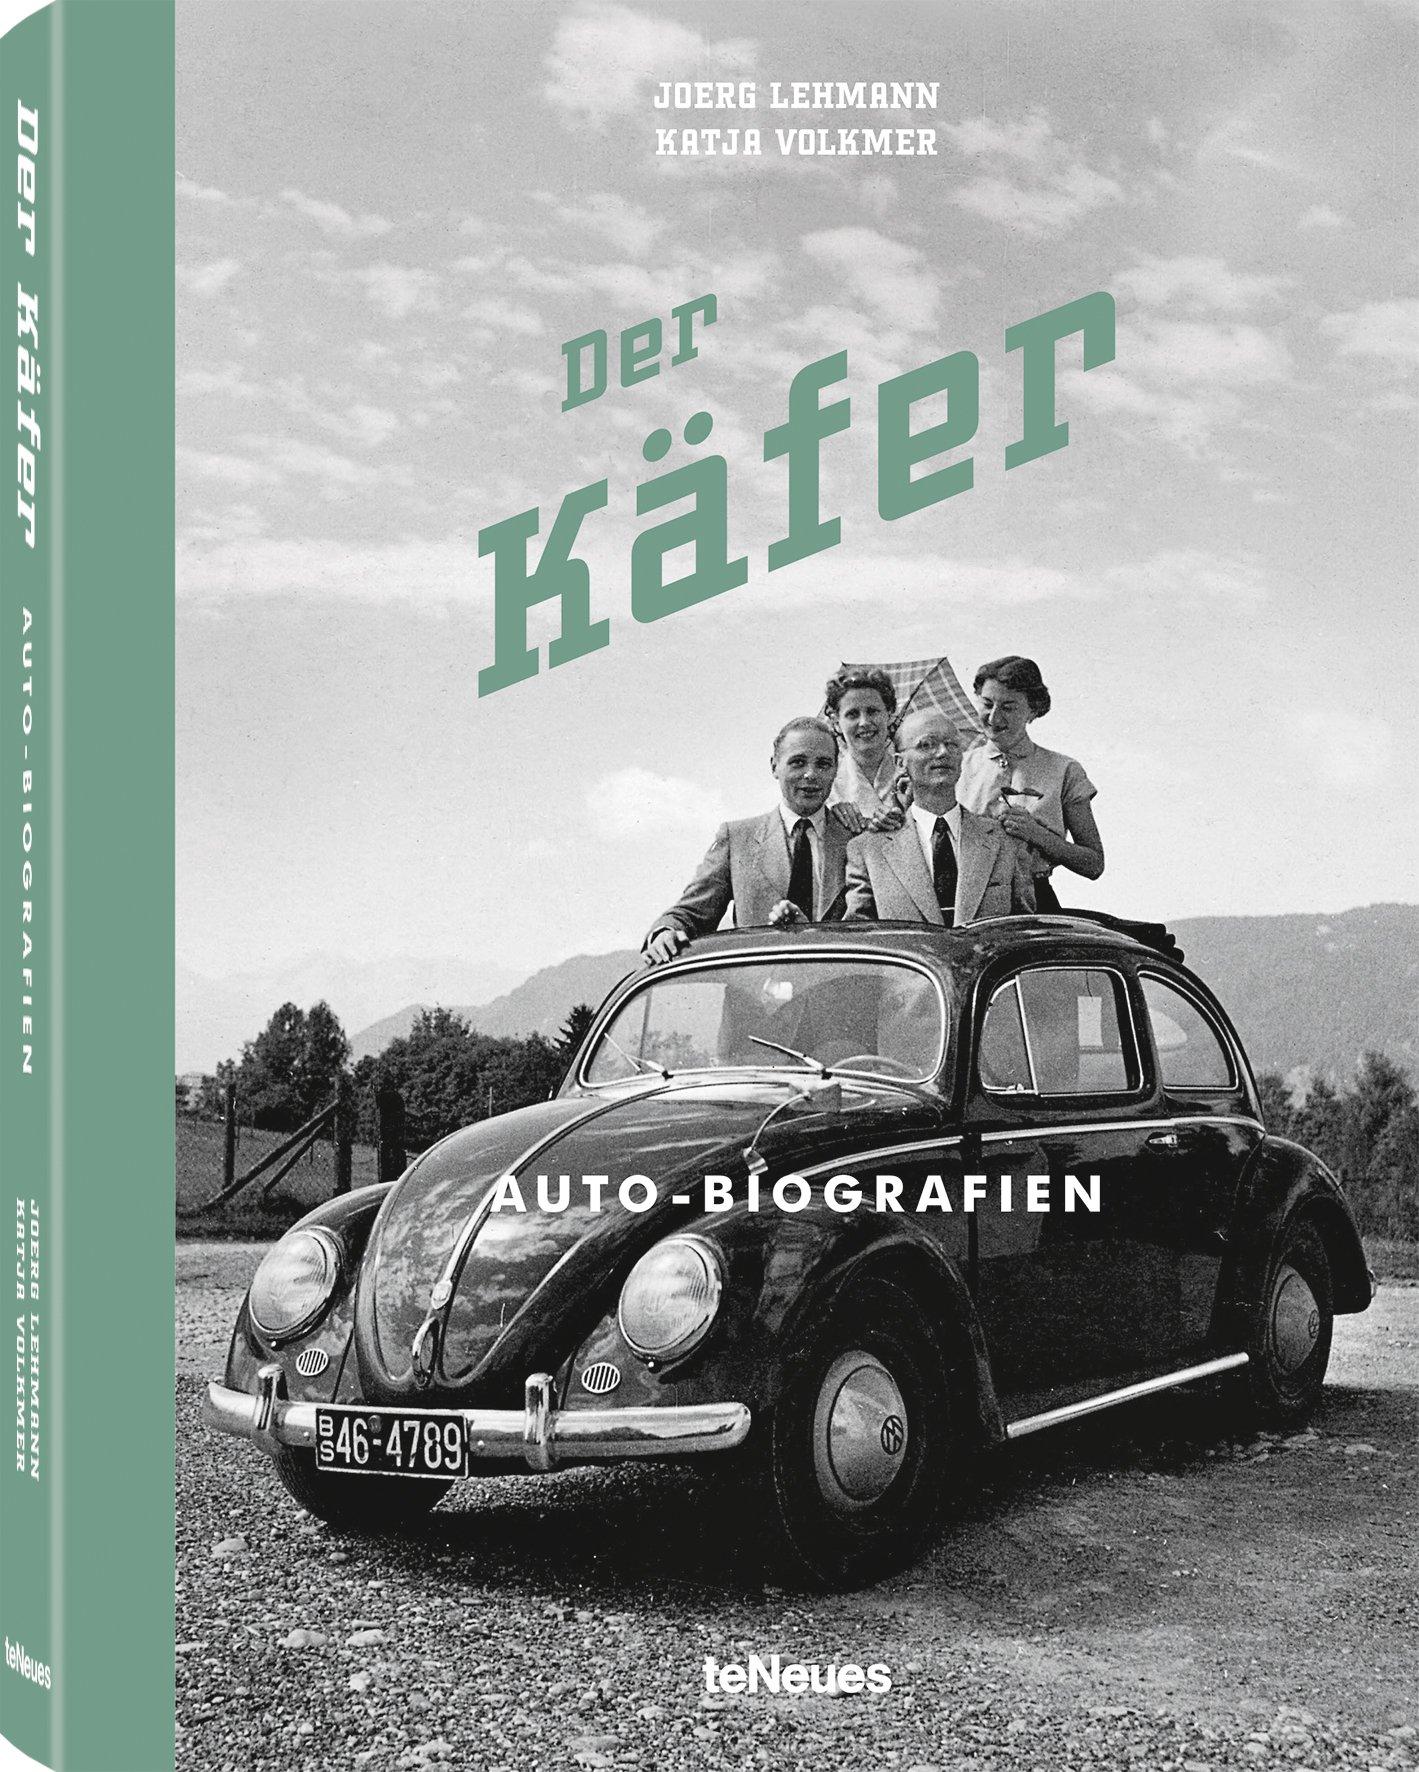 Der Käfer: Amazon.de: Joerg Lehmann, Katja Volkmer: Bücher